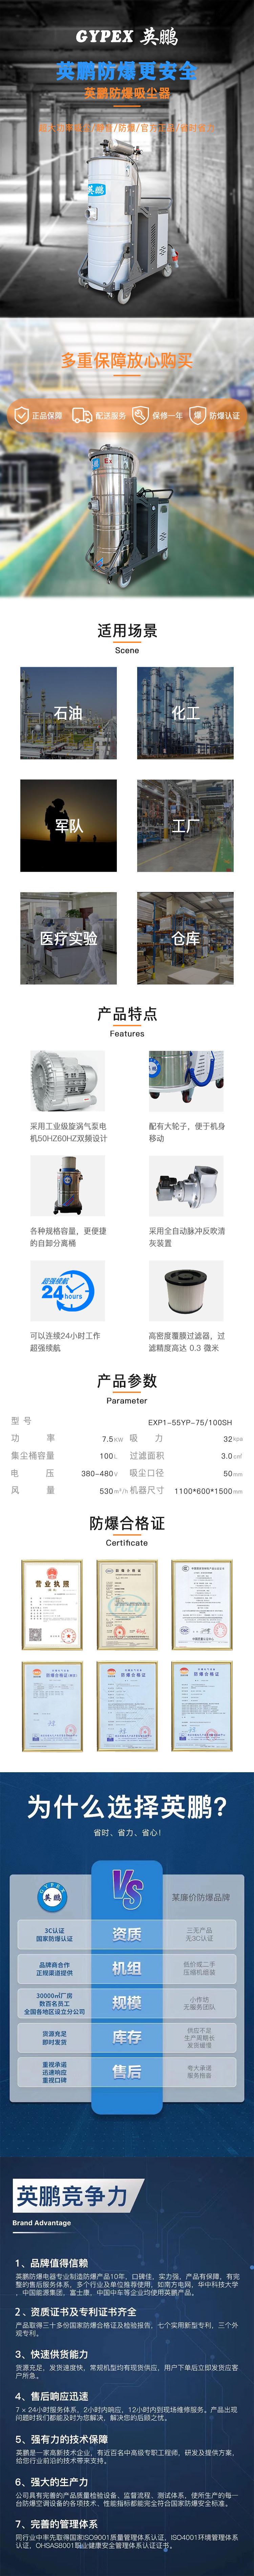 100升吸塵器詳情頁EXP1-55YP-75-100SH.jpg